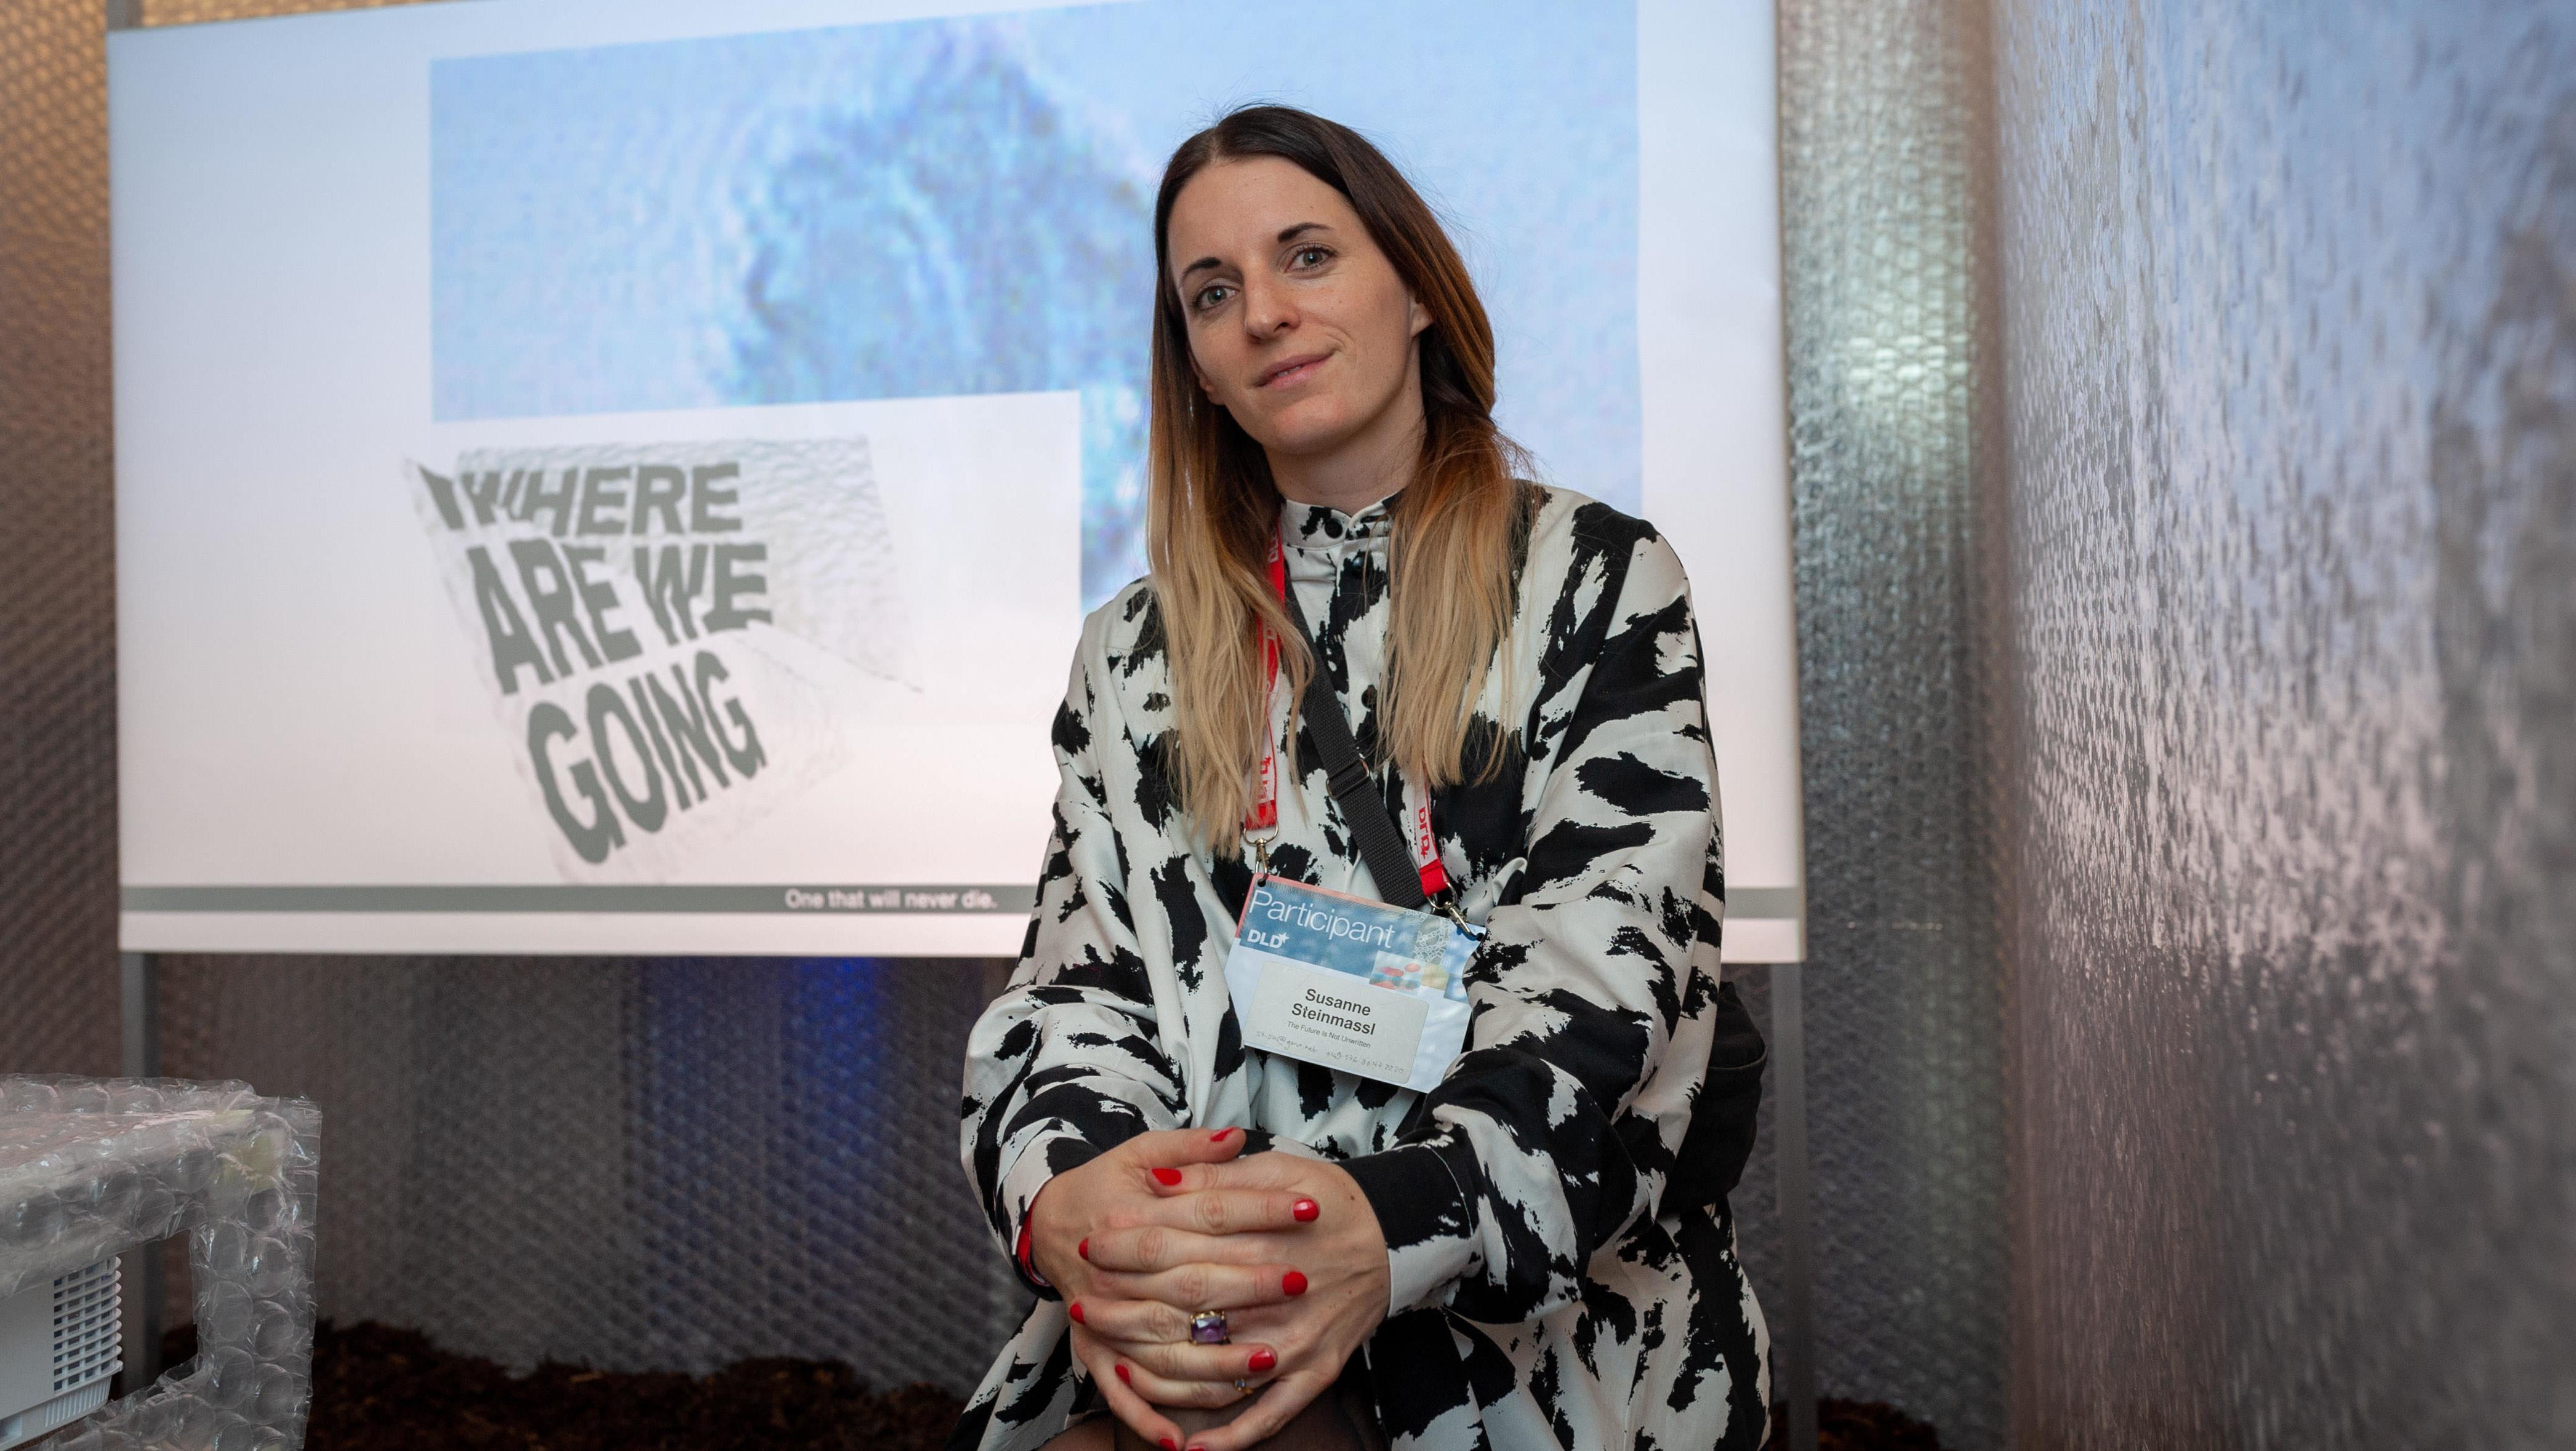 Susanne Steinmassl, die ihren KI-Film auf der DLD präsentierte